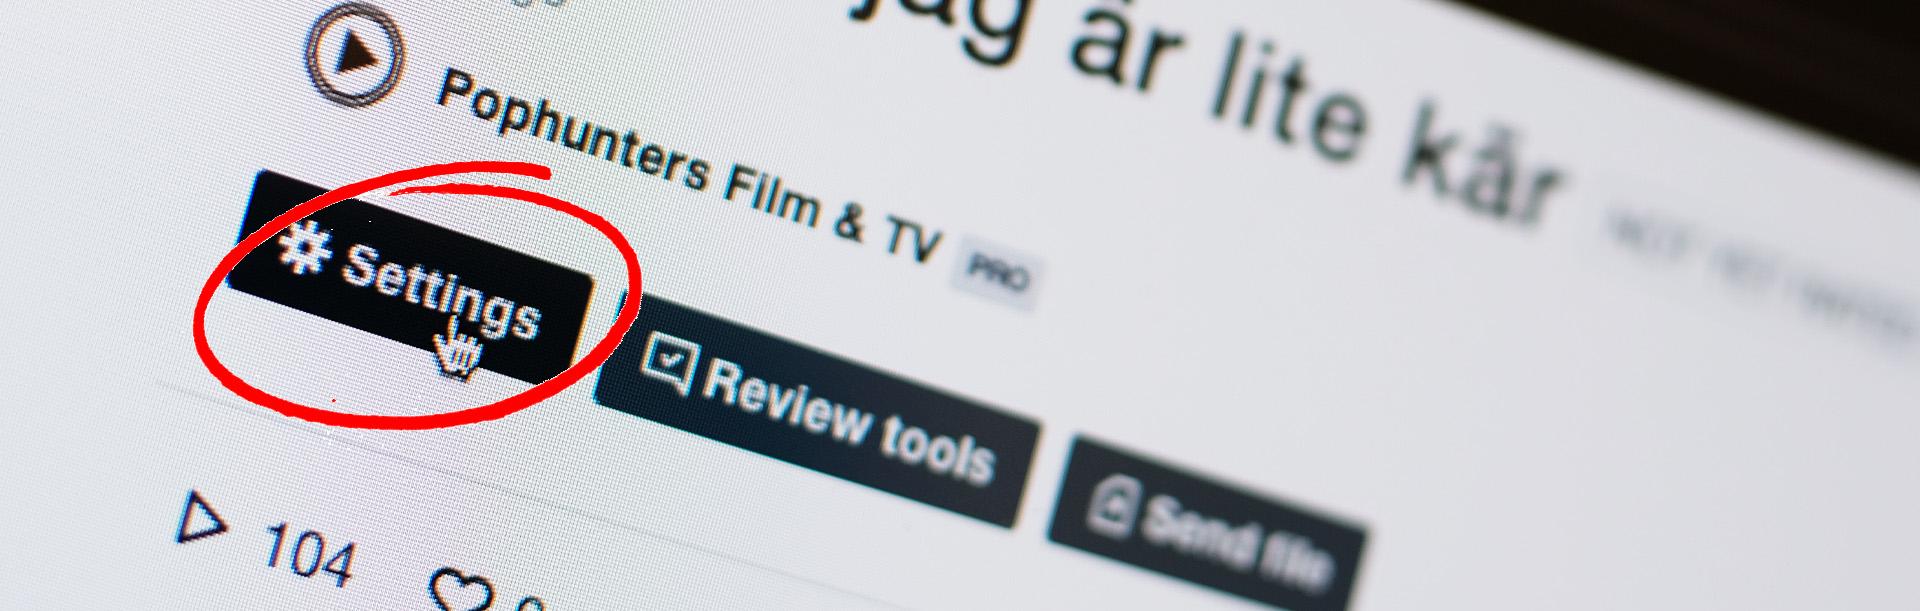 Röd ring runt knappen Settings på Vimeo